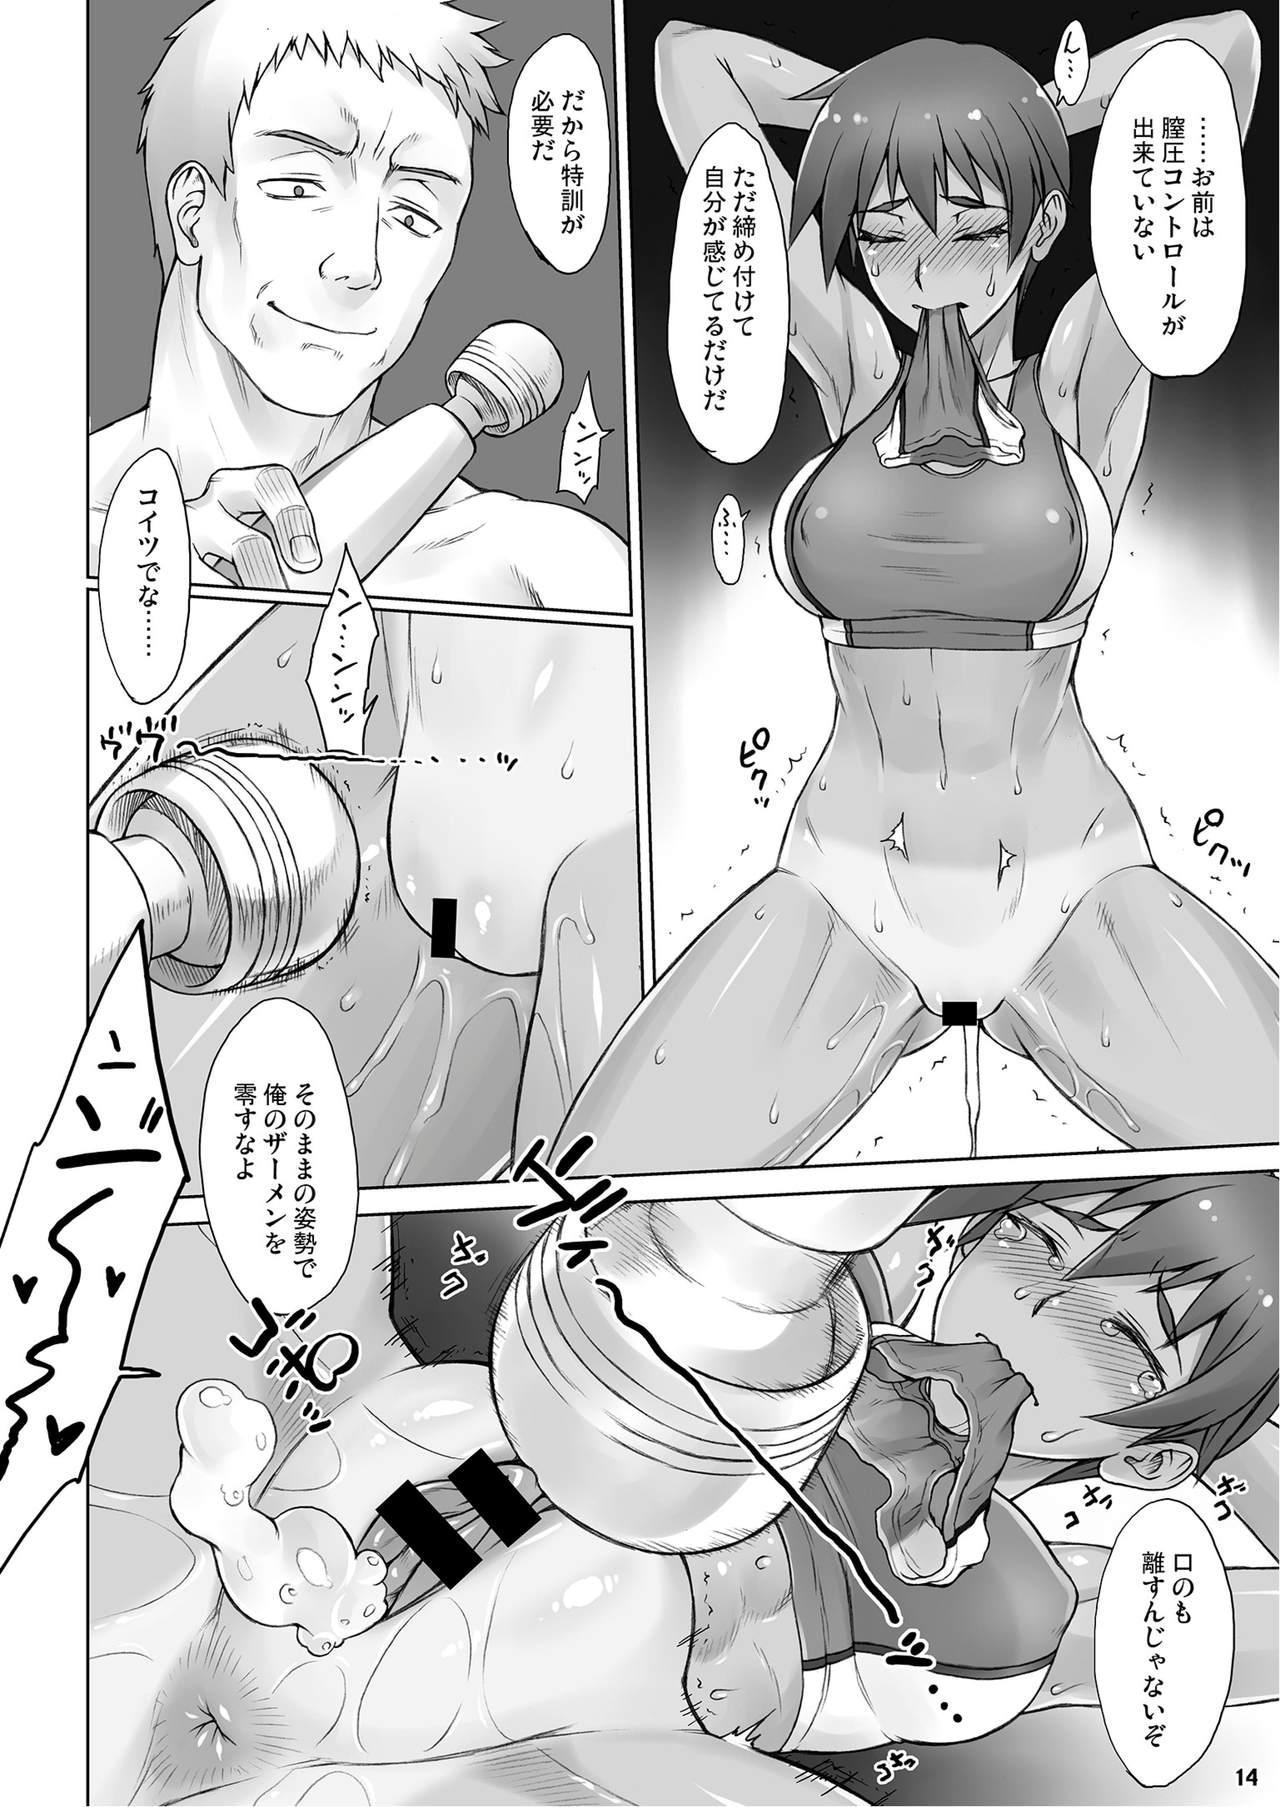 Shidoukan Crouching 12